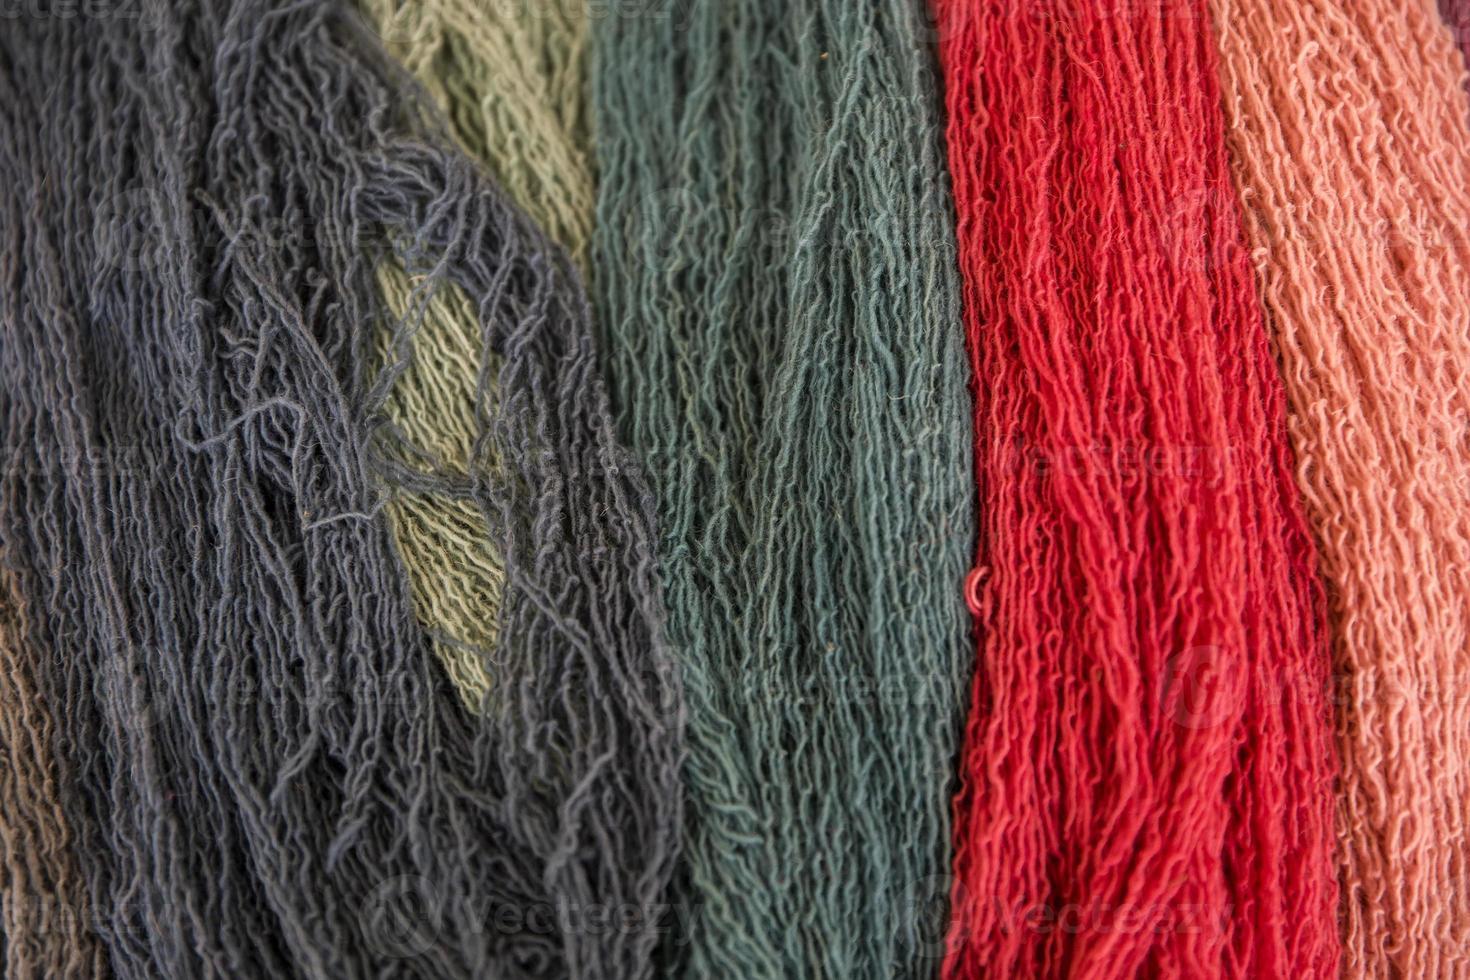 hilos de lana de colores foto